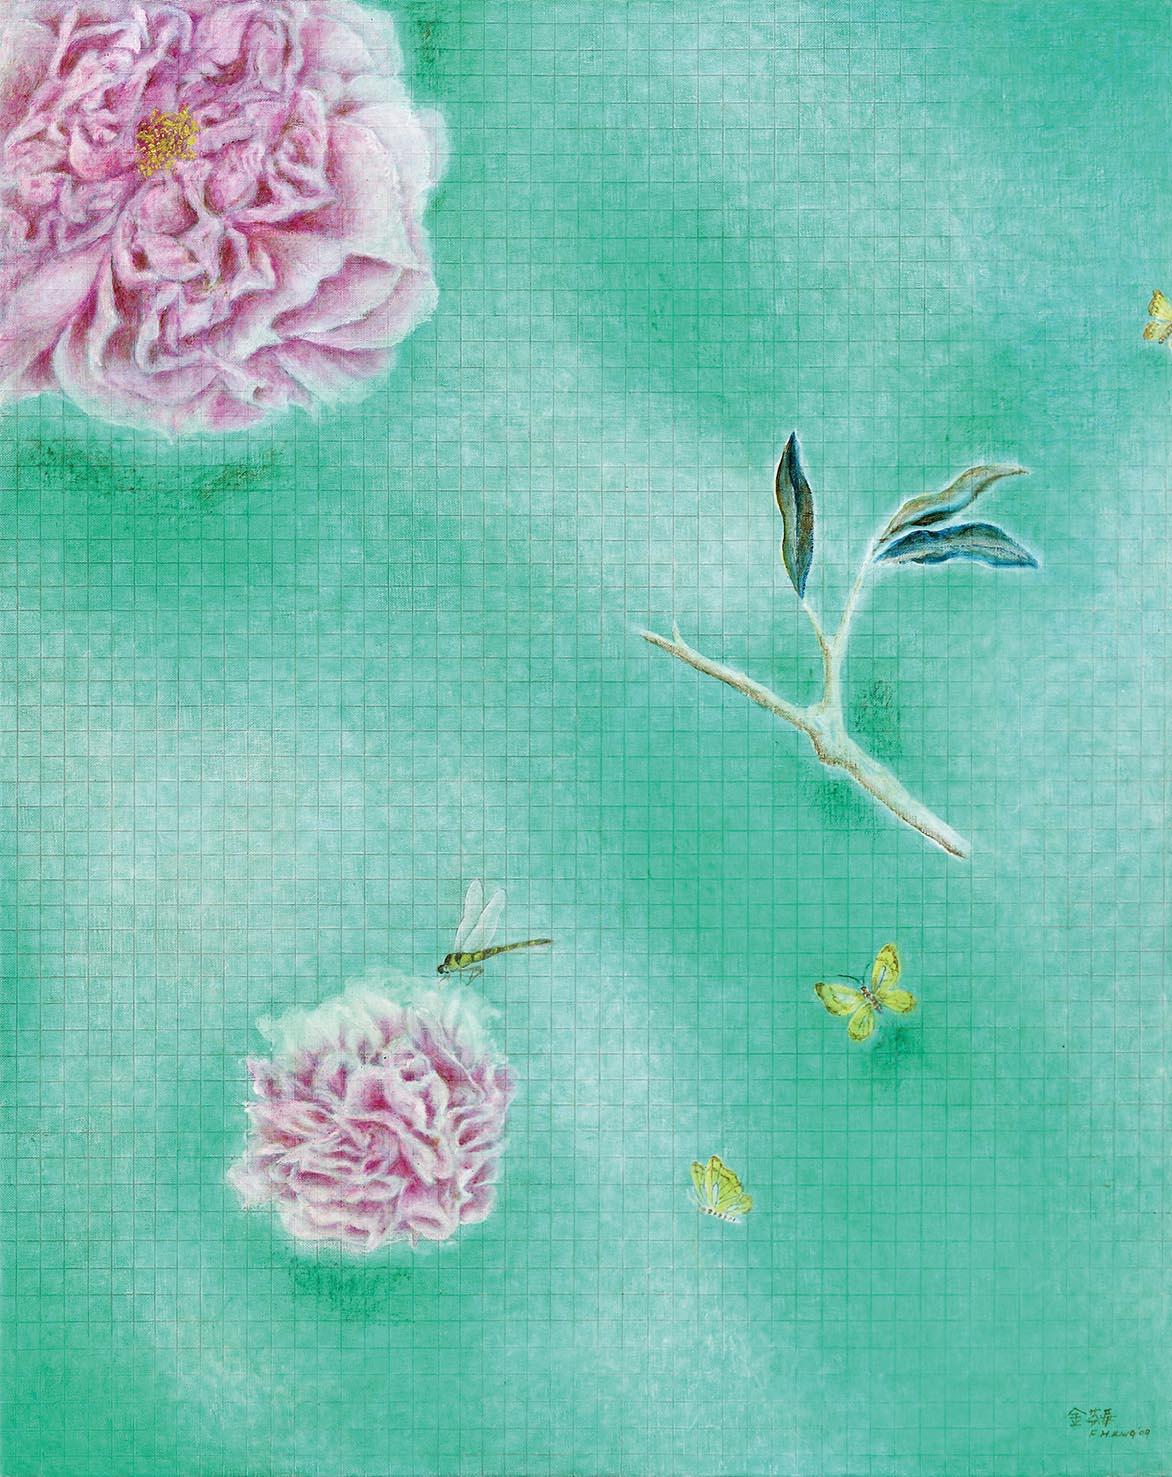 花开富贵 油彩画布 91x72.5cm